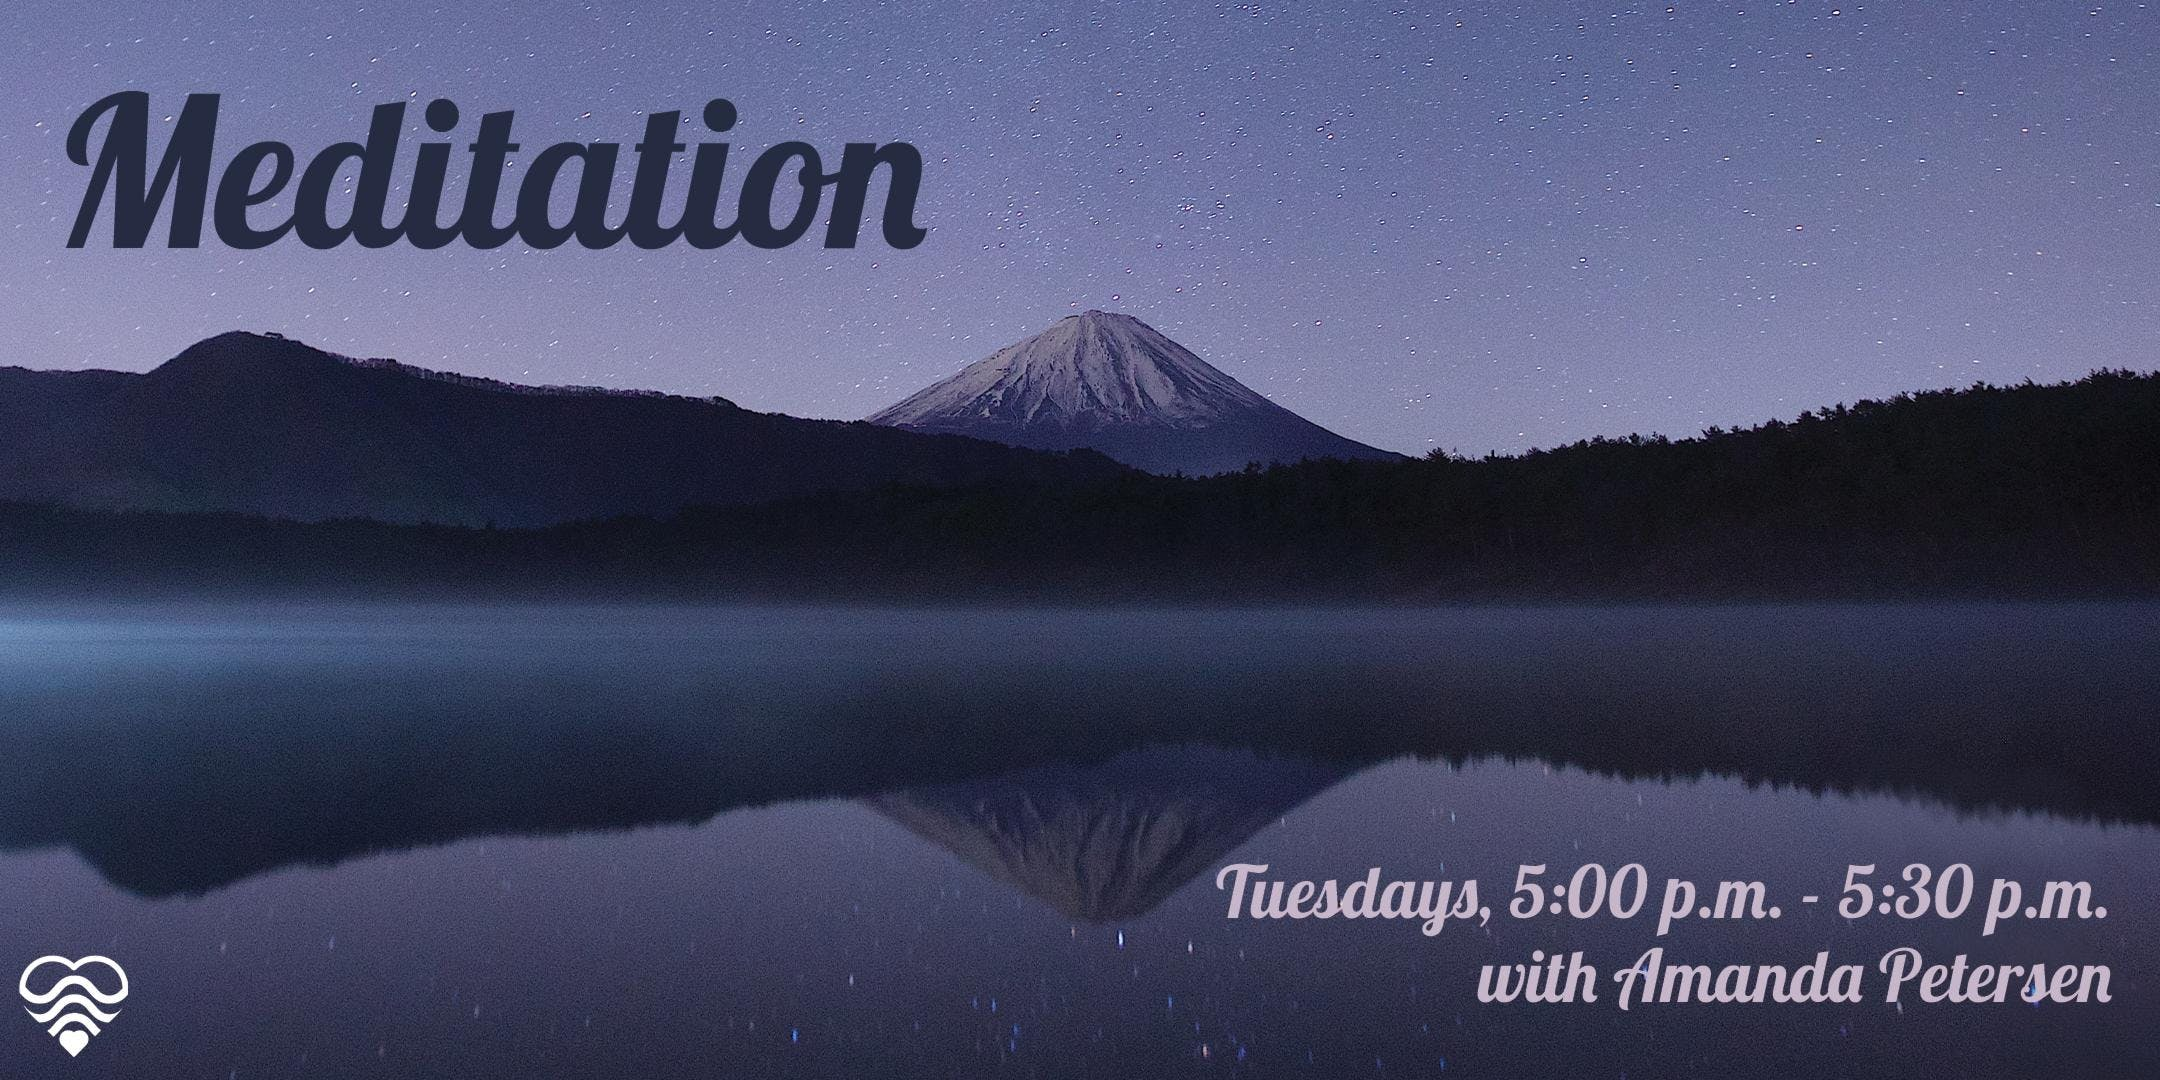 Meditation - Tuesdays with Amanda